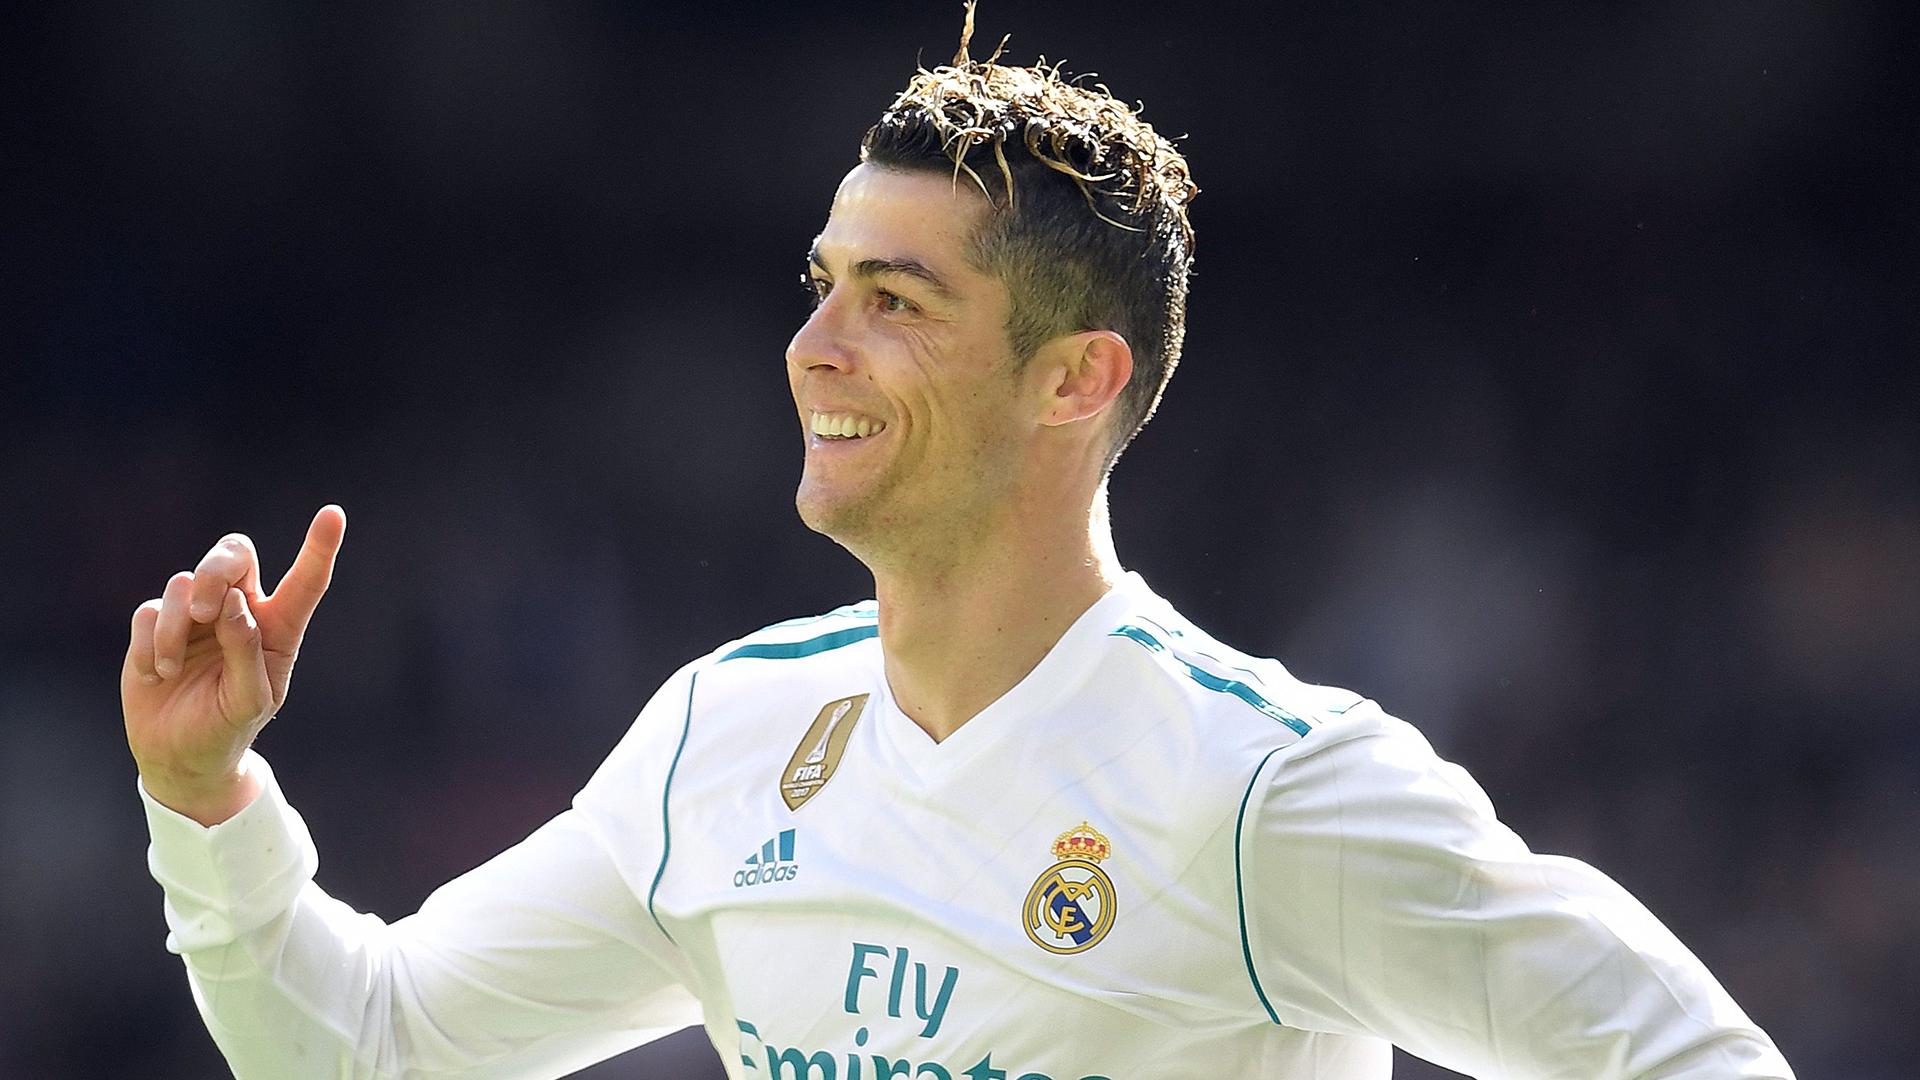 Ronaldo alla Juvetus Ufficiale: i dettagli dell'operazione